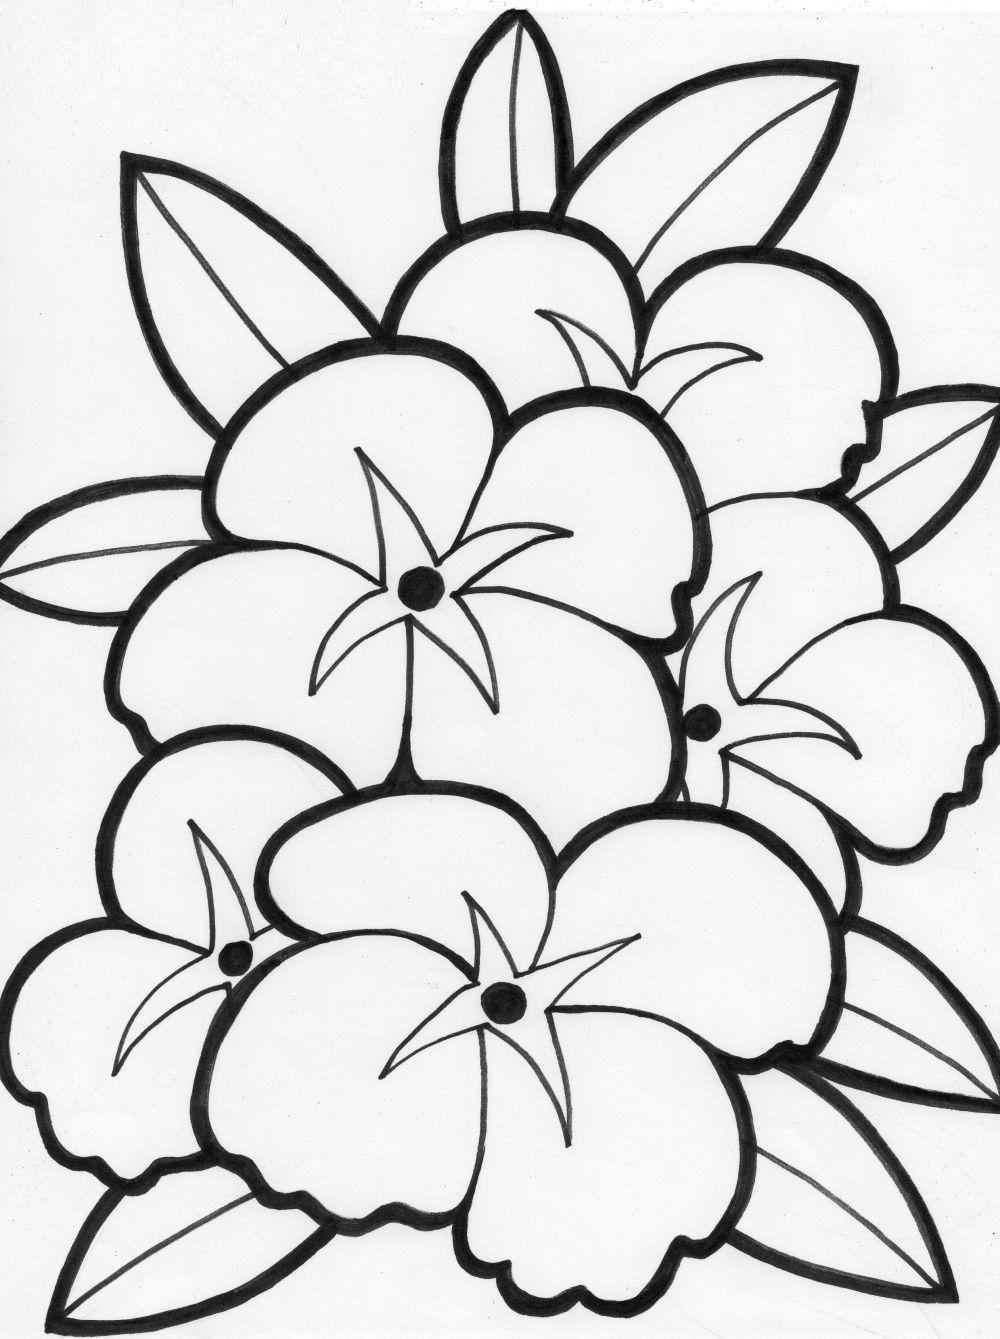 Tranh tô màu hoa tulip đẹp